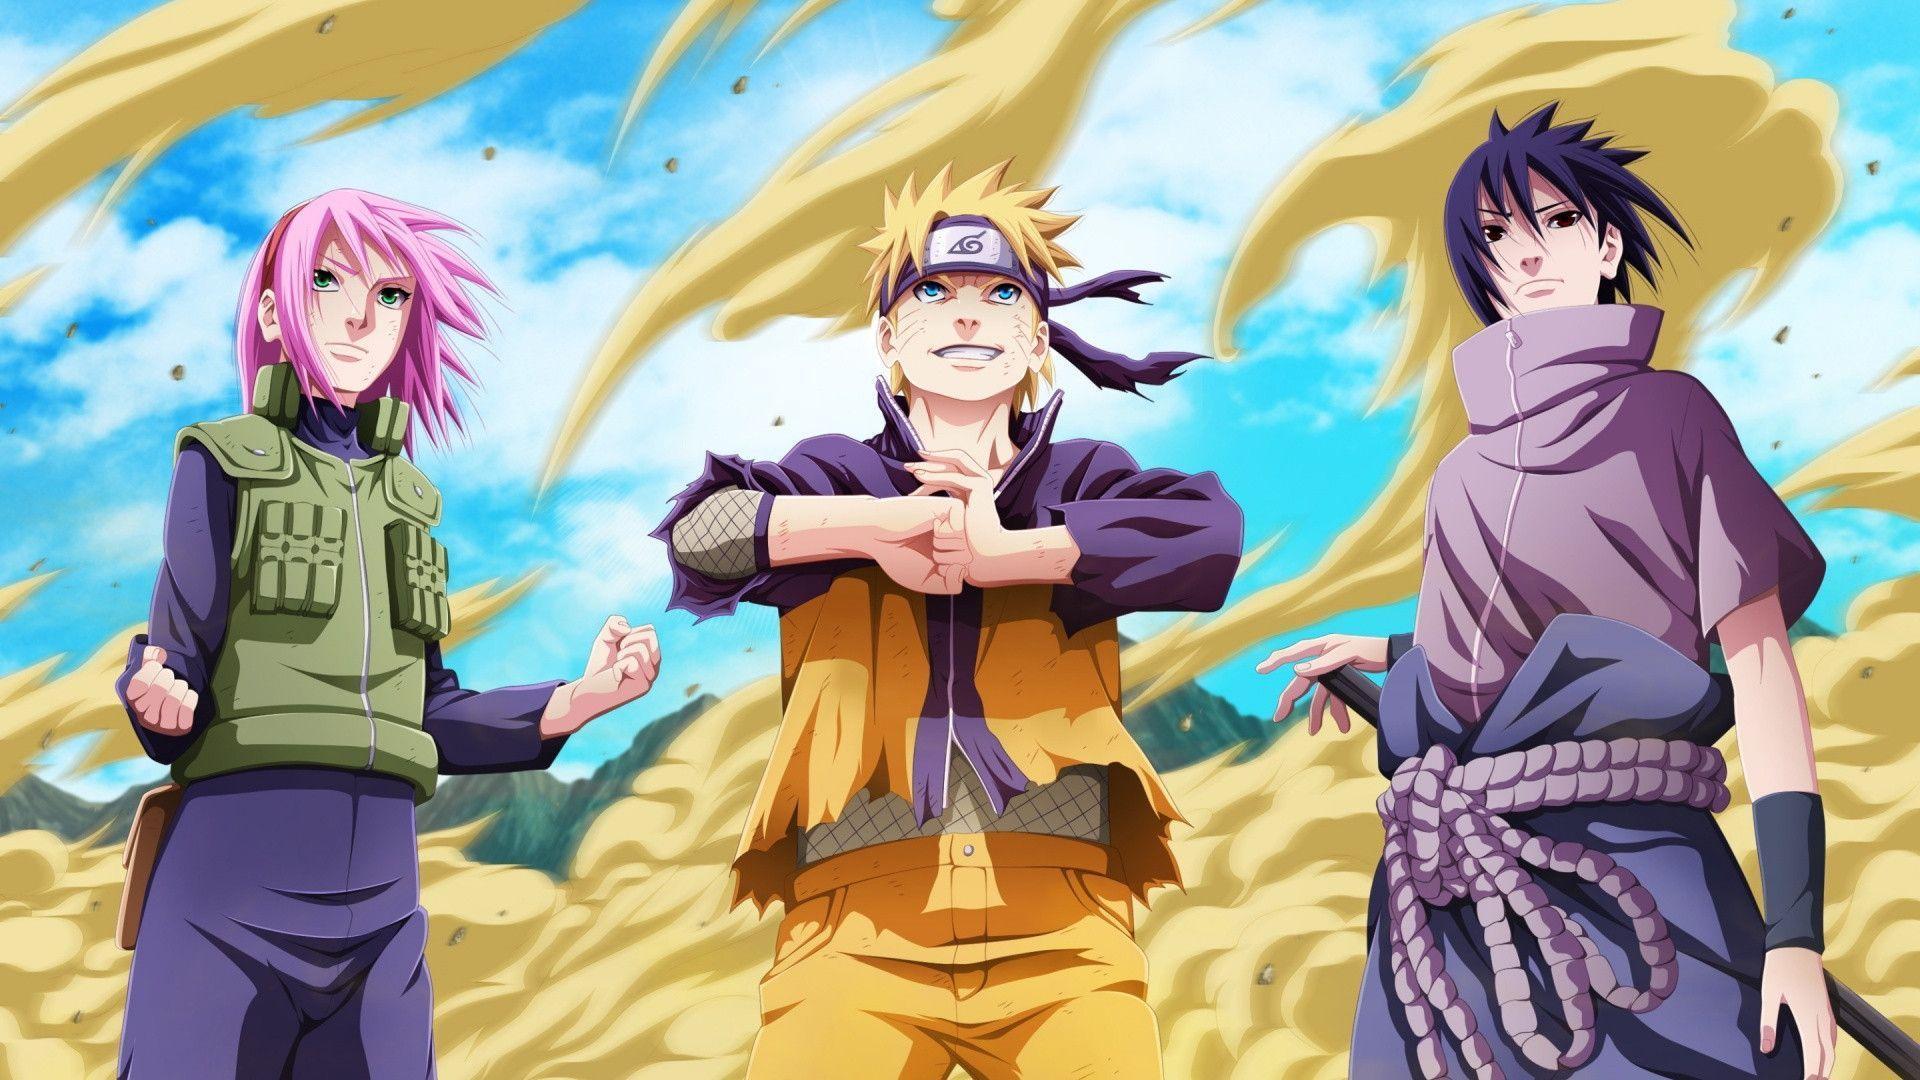 Anime Wallpaper 4k Pc Naruto Gambarku